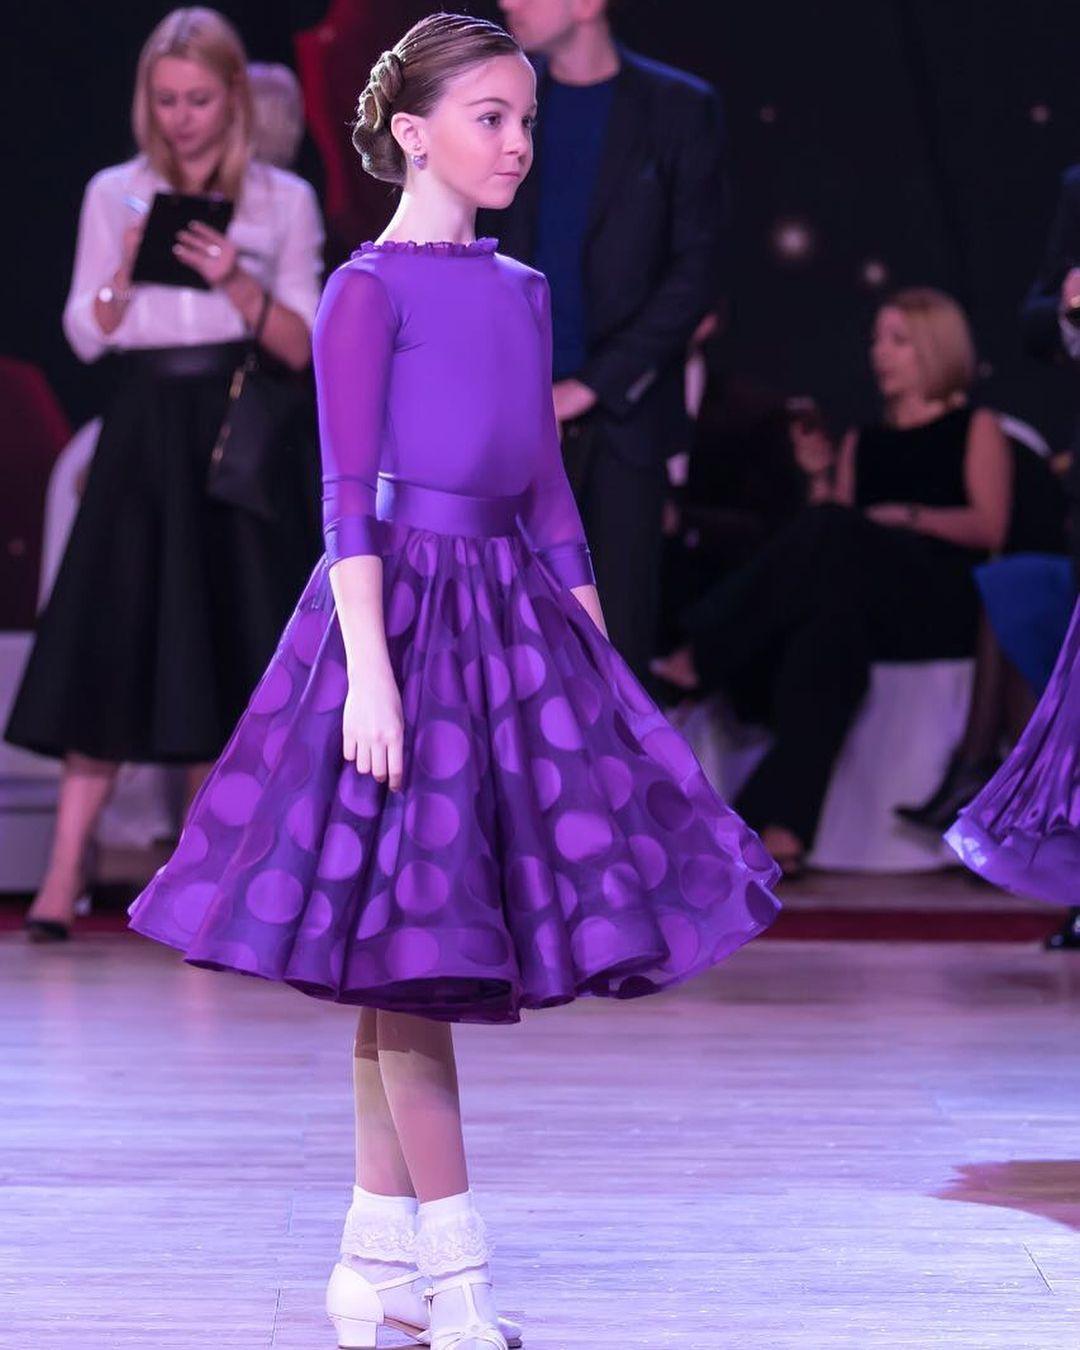 Platie_dlia_bal'nyx_tancev (21)